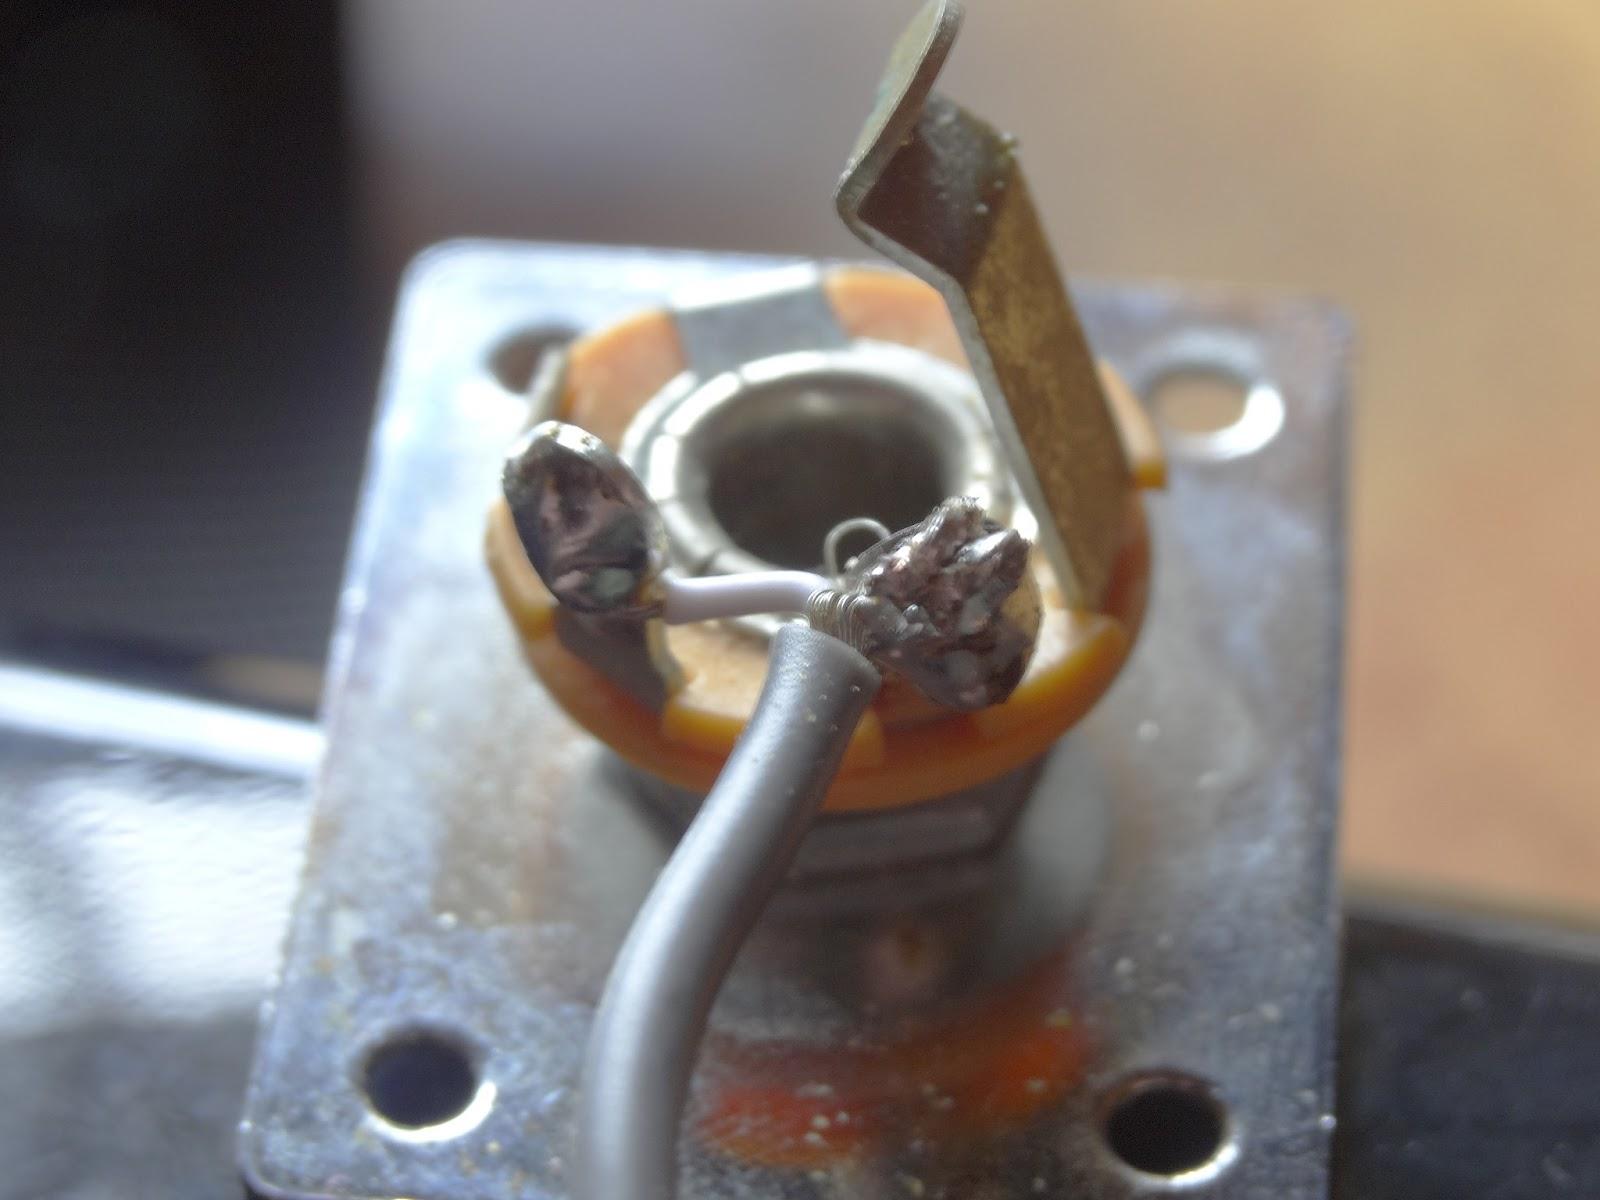 electric guitar jack wiring wiring diagram show electric guitar jack wiring [ 1600 x 1200 Pixel ]